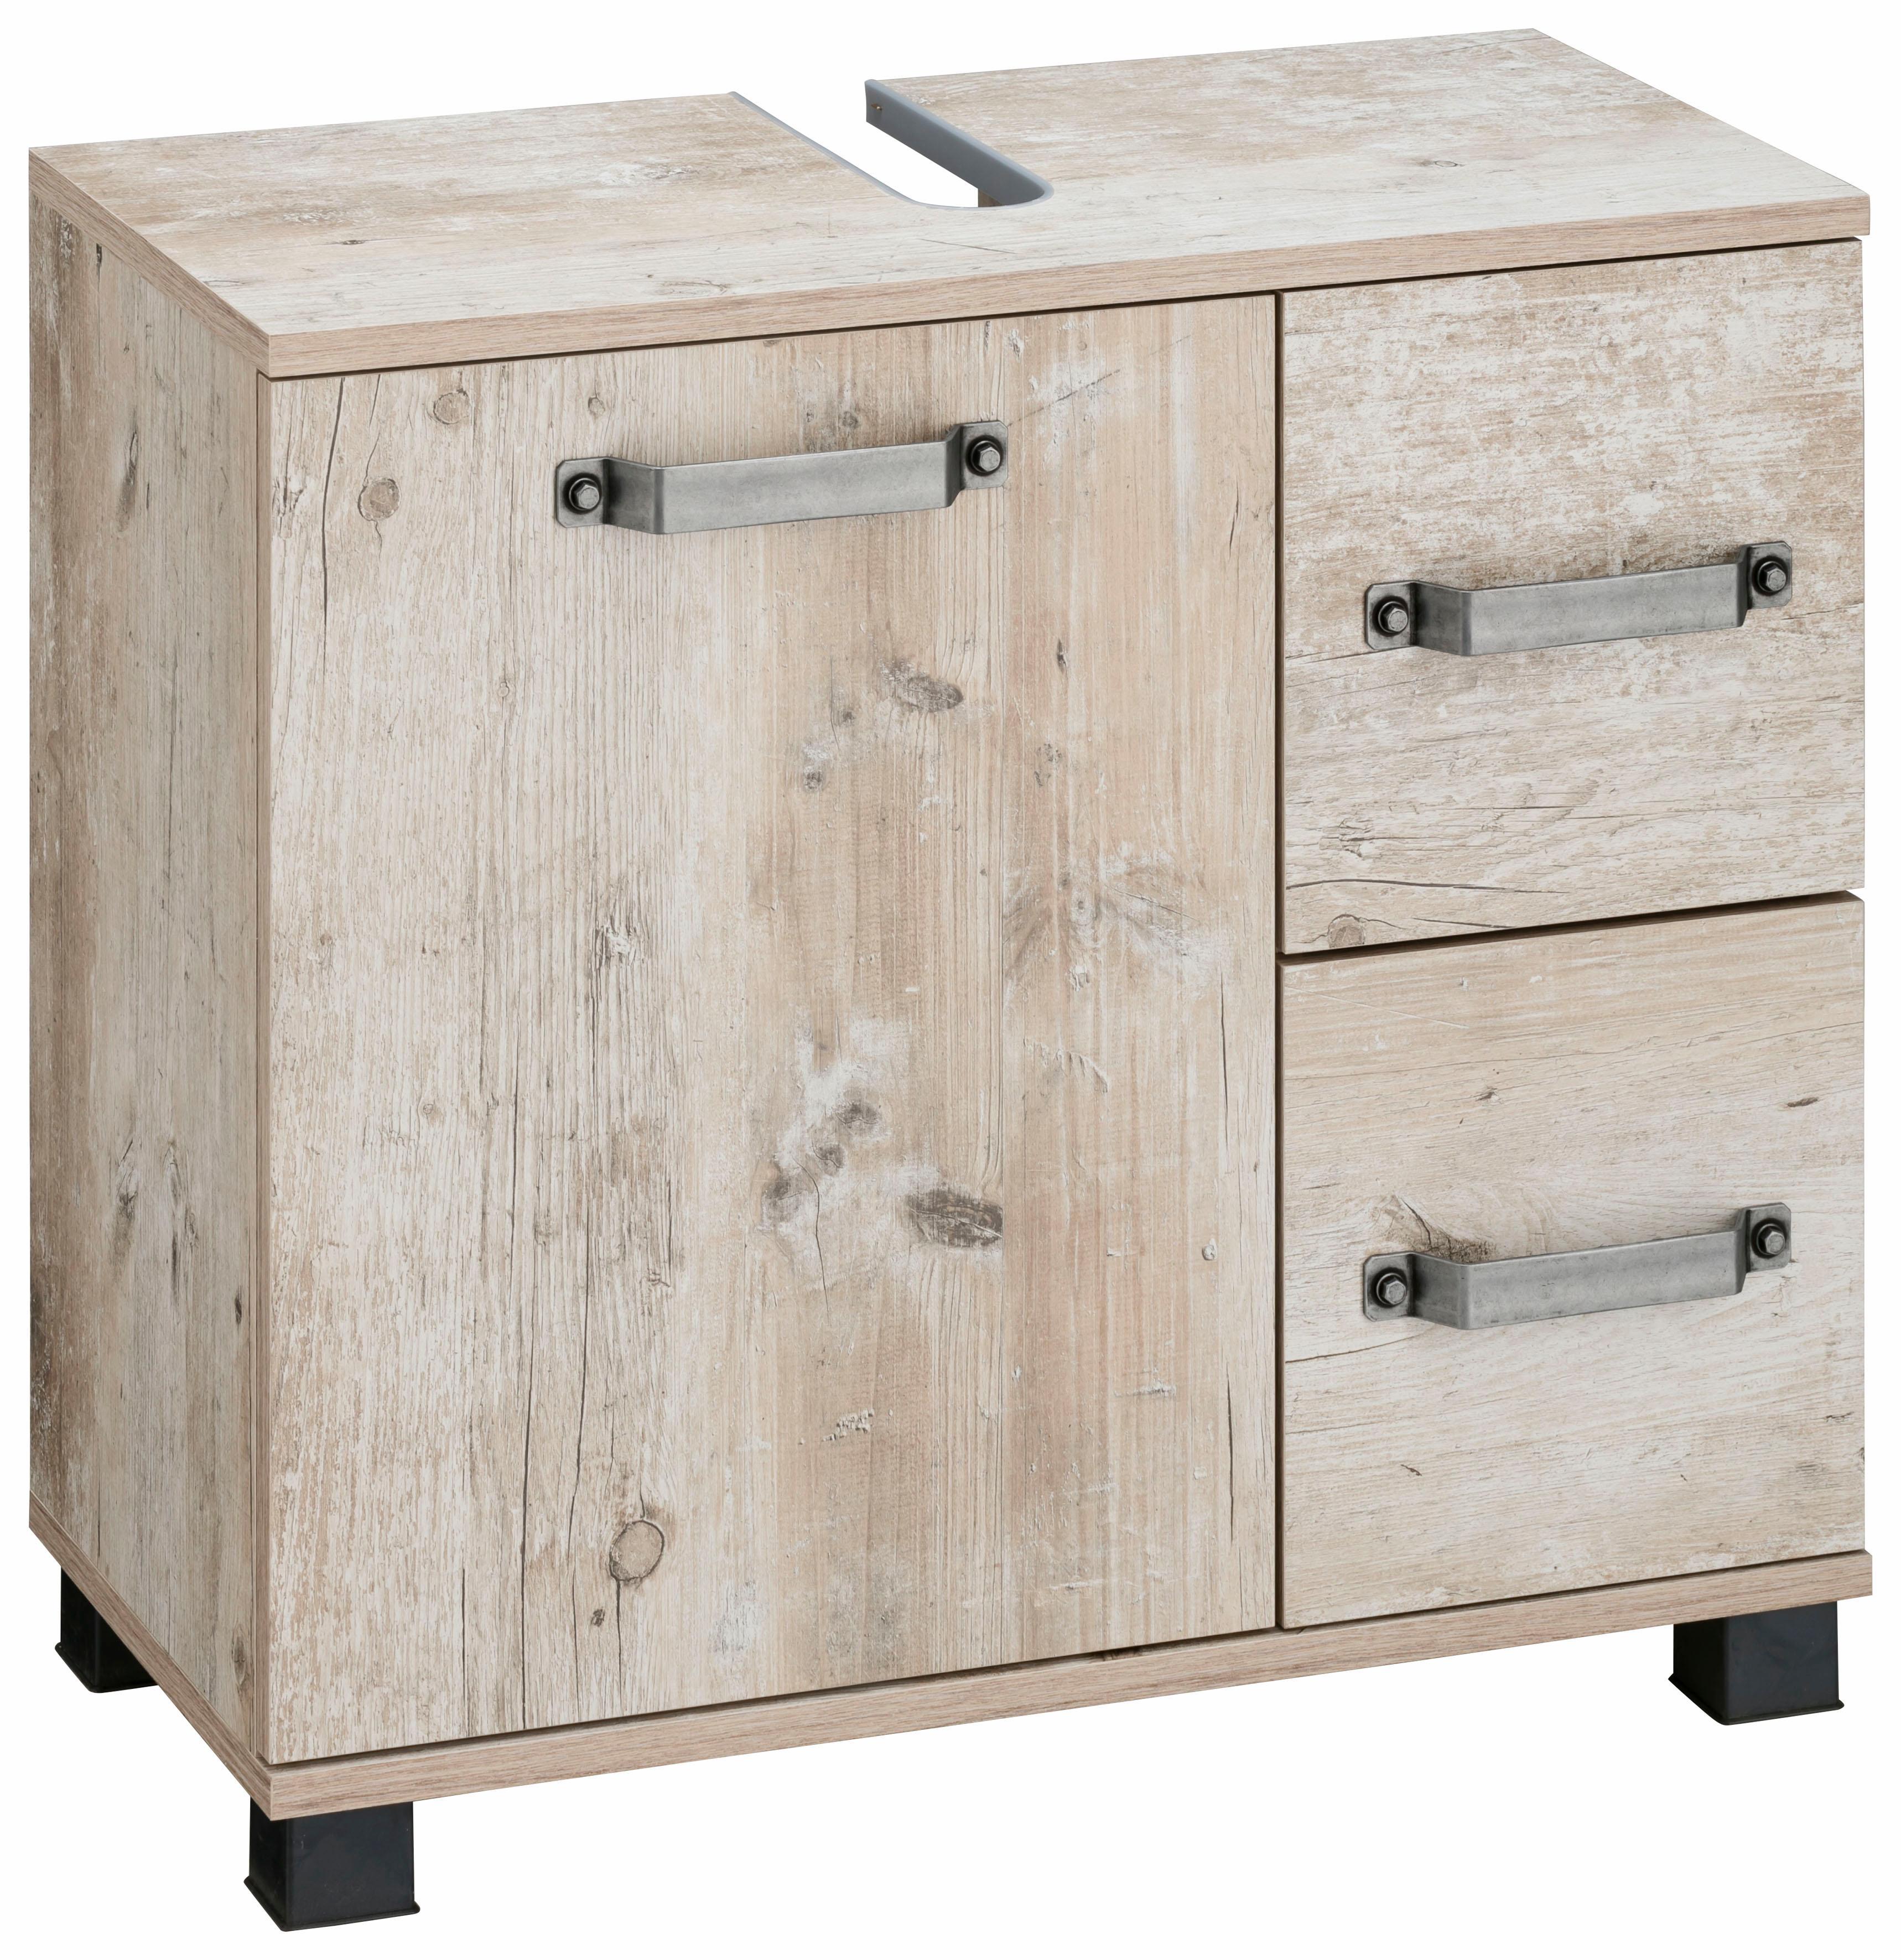 Blau Waschbeckenunterschränke online kaufen   Möbel-Suchmaschine ...